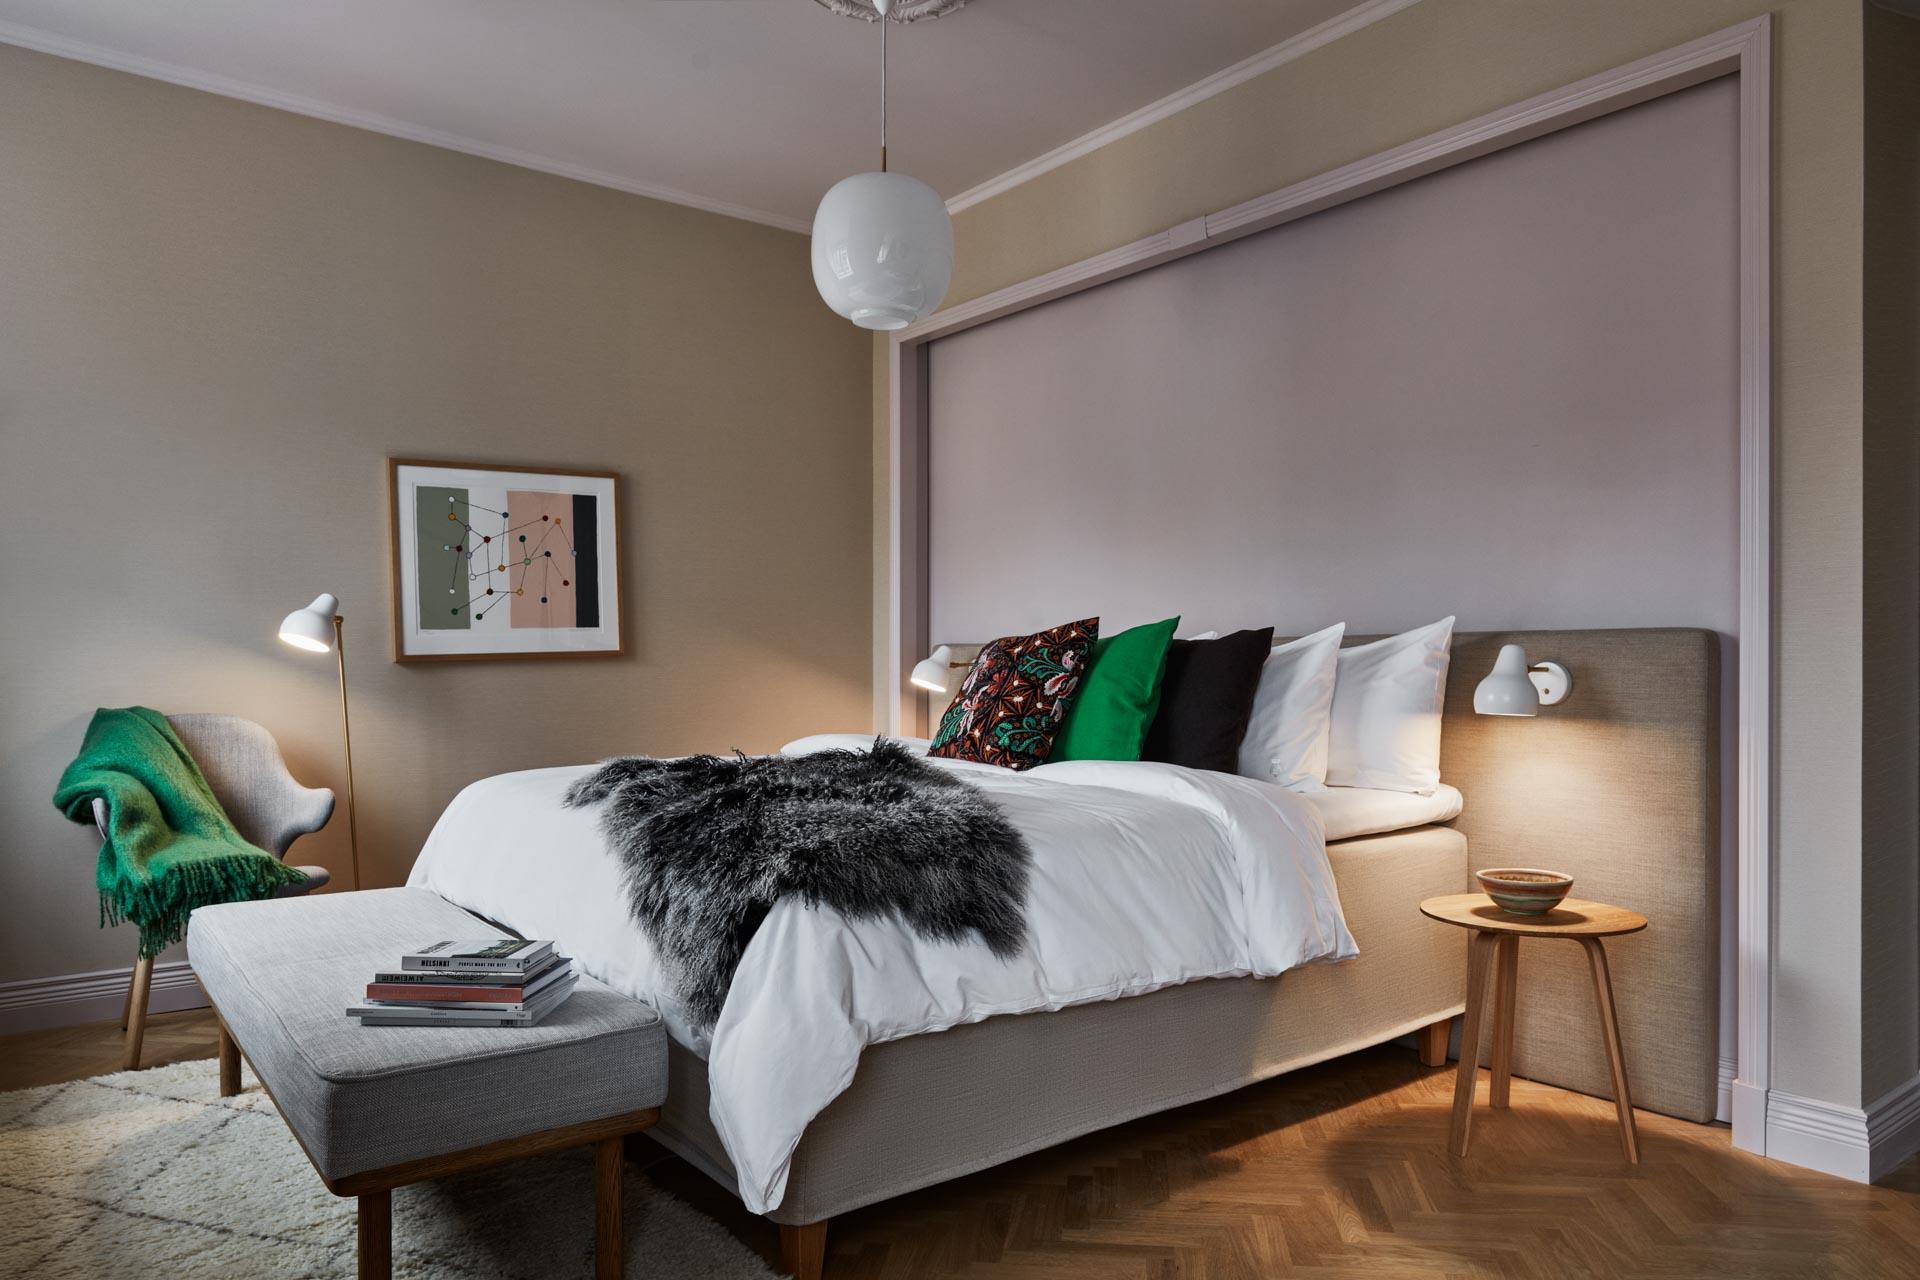 Le St. George compte 153 chambres et suites, dont la superficie évolue entre 19 et 47 mètres carrés